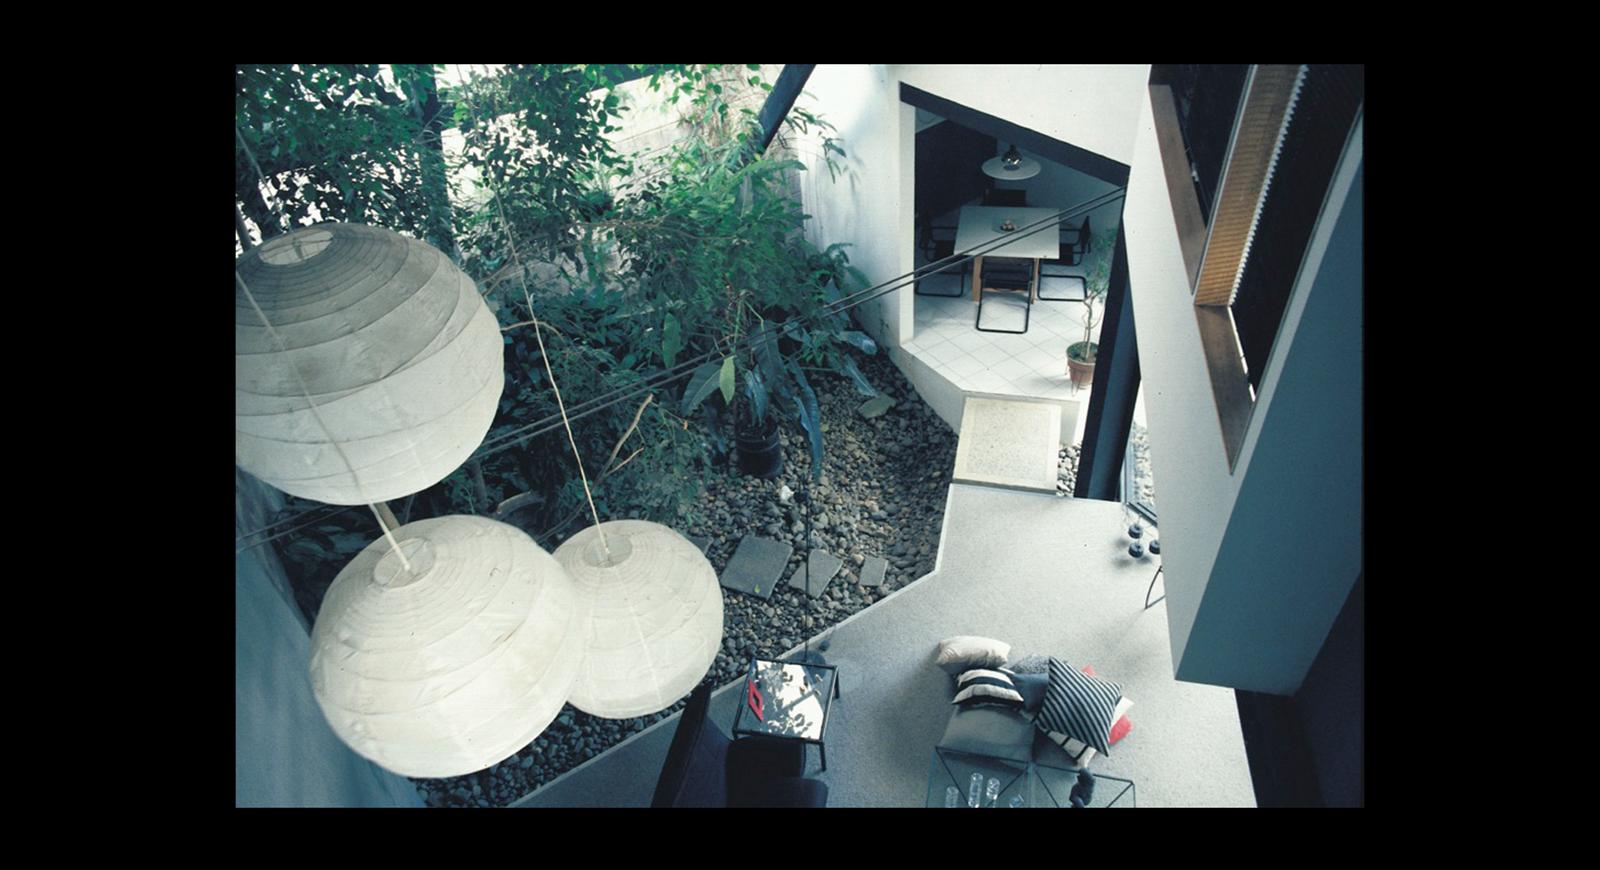 urbanarchitecture-costarica_cortezamarillo5-2